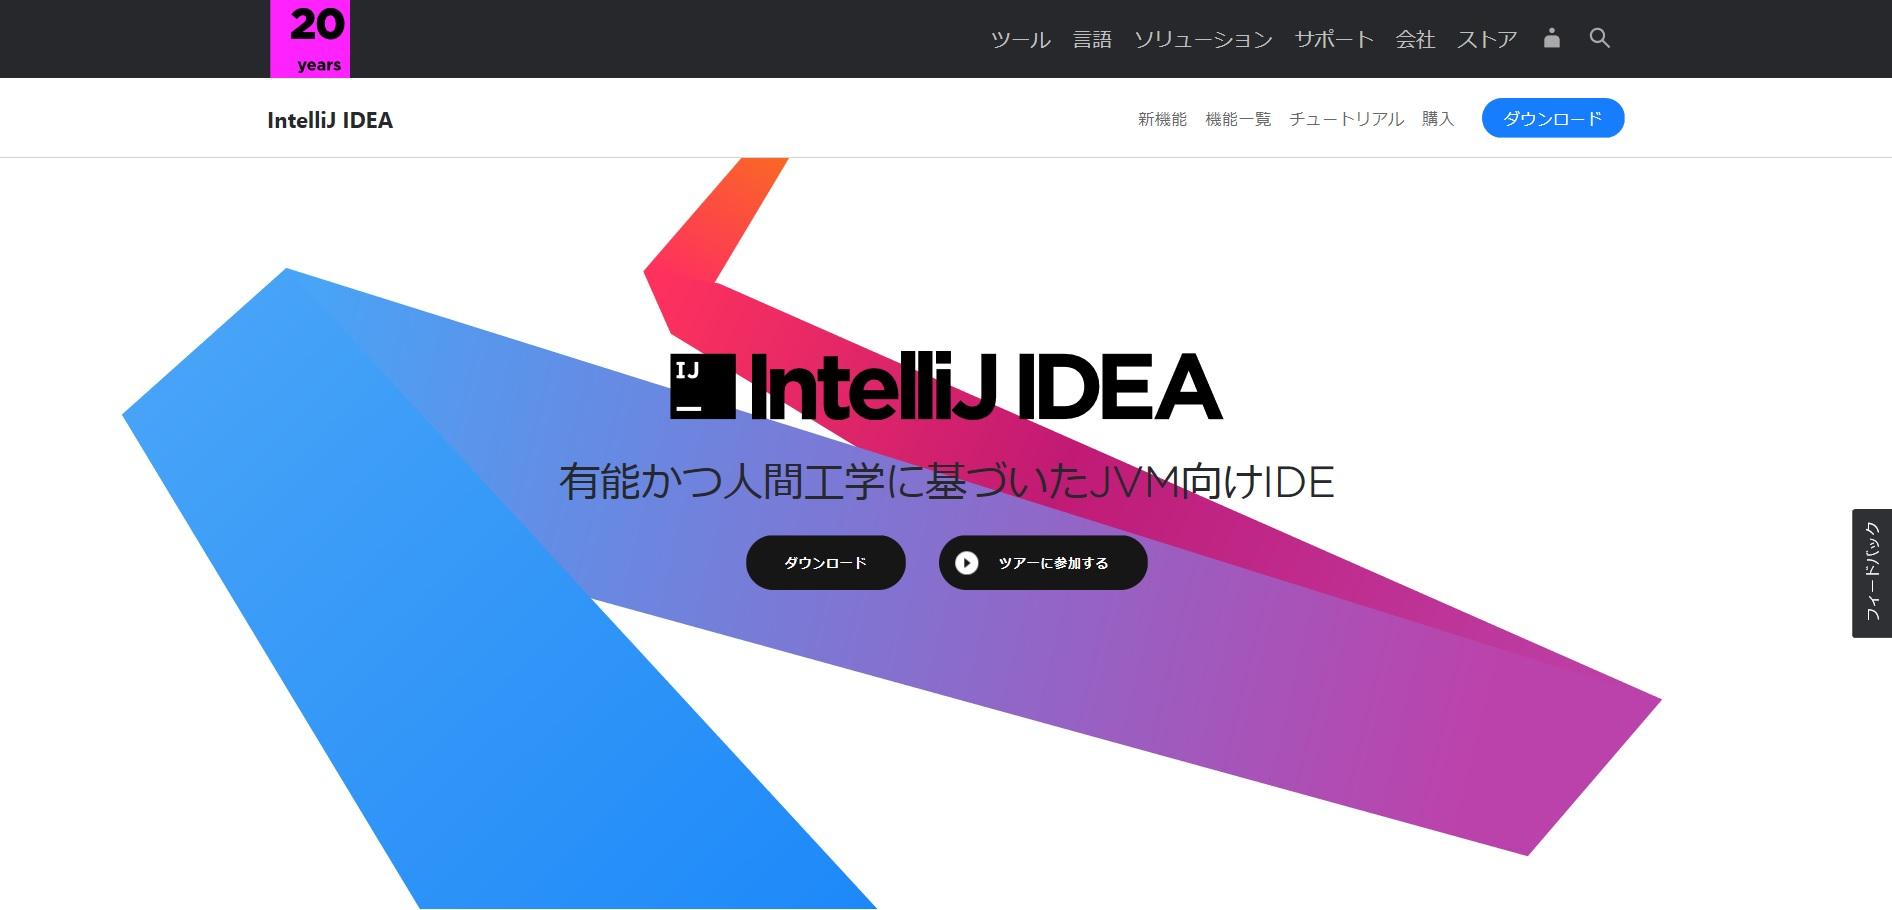 IntelliJ IDEA公式ページ画像